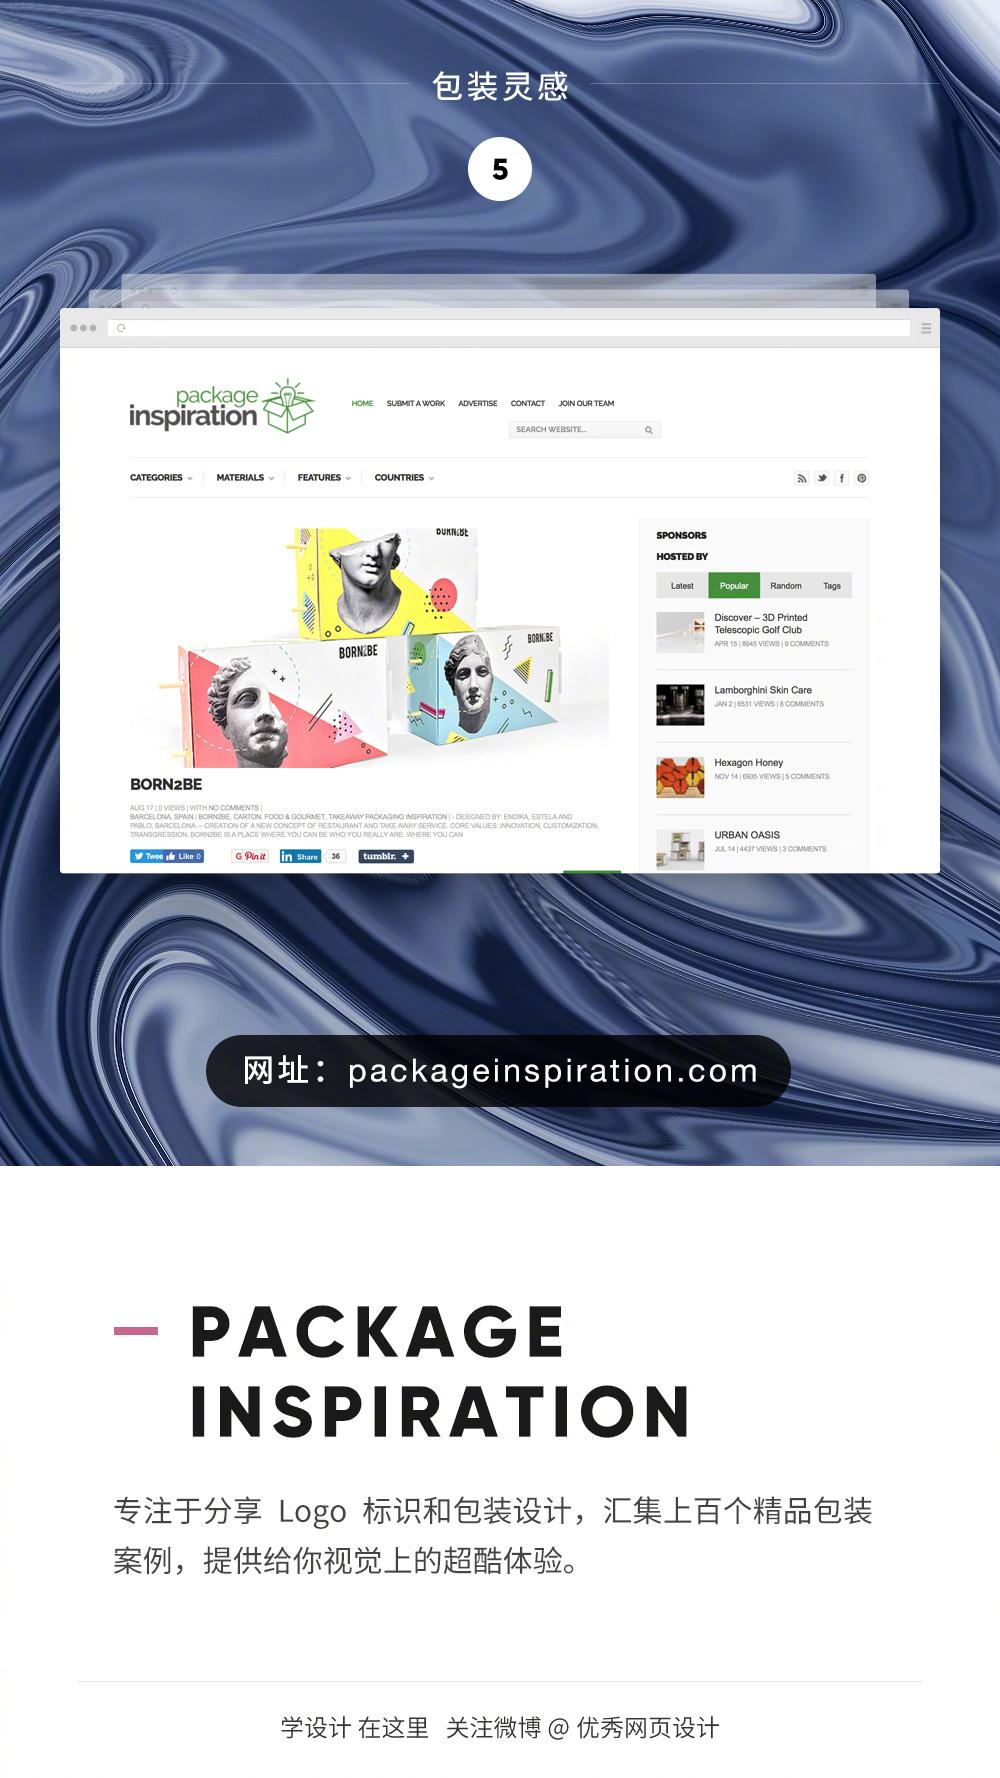 最好的8个包装设计灵感网站全在这里了